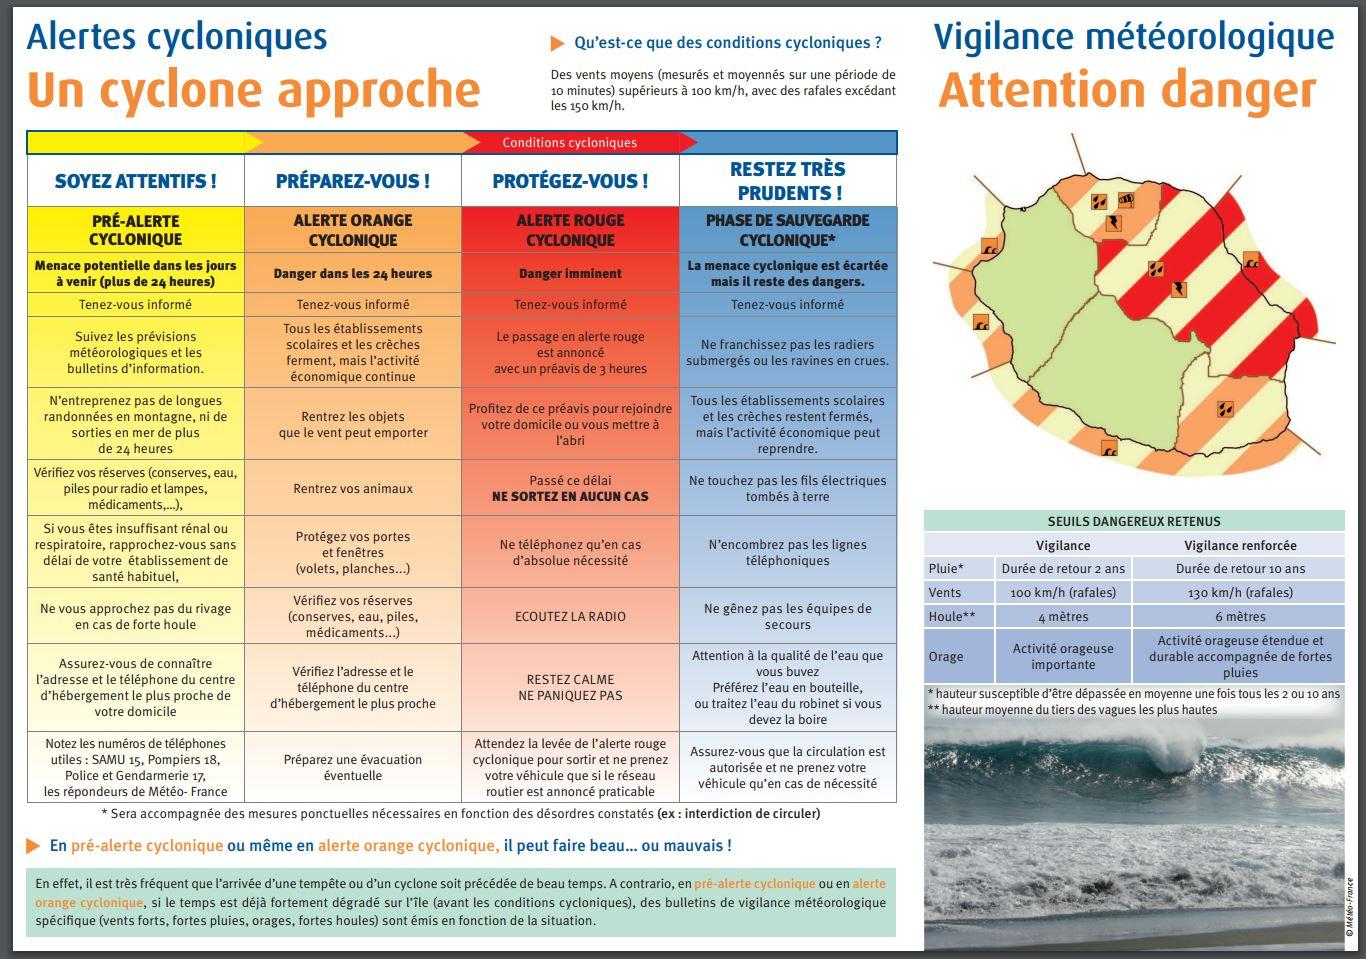 Système alerte cyclonique et vigilance météorologique à la Réunion